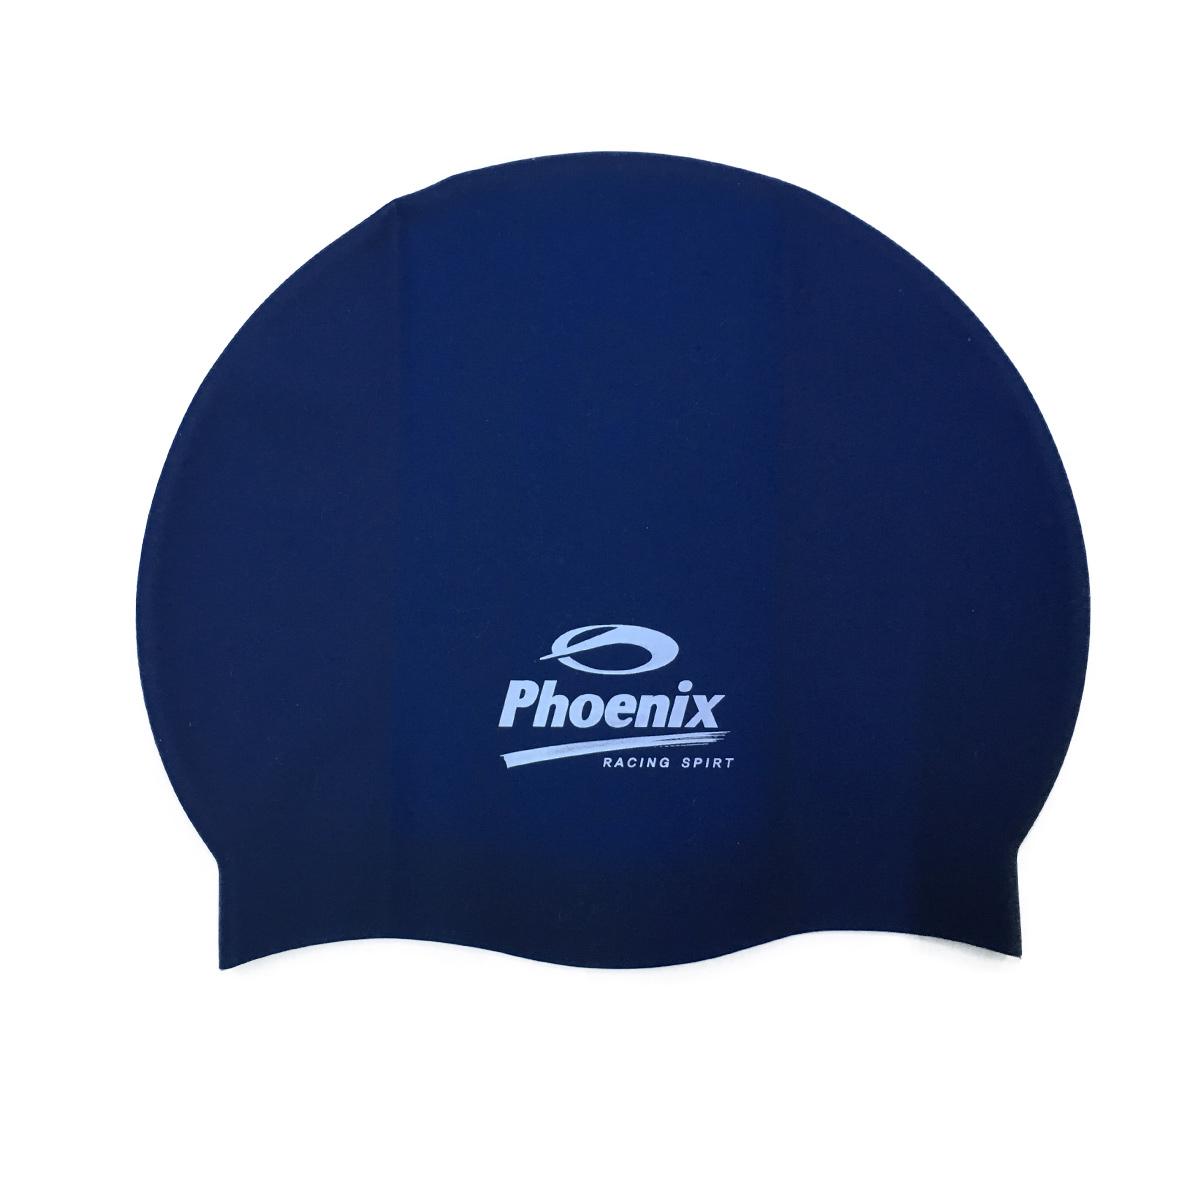 Nón Bơi Chính Hãng PhoenixPN Trơn Xanh Đen - NP100